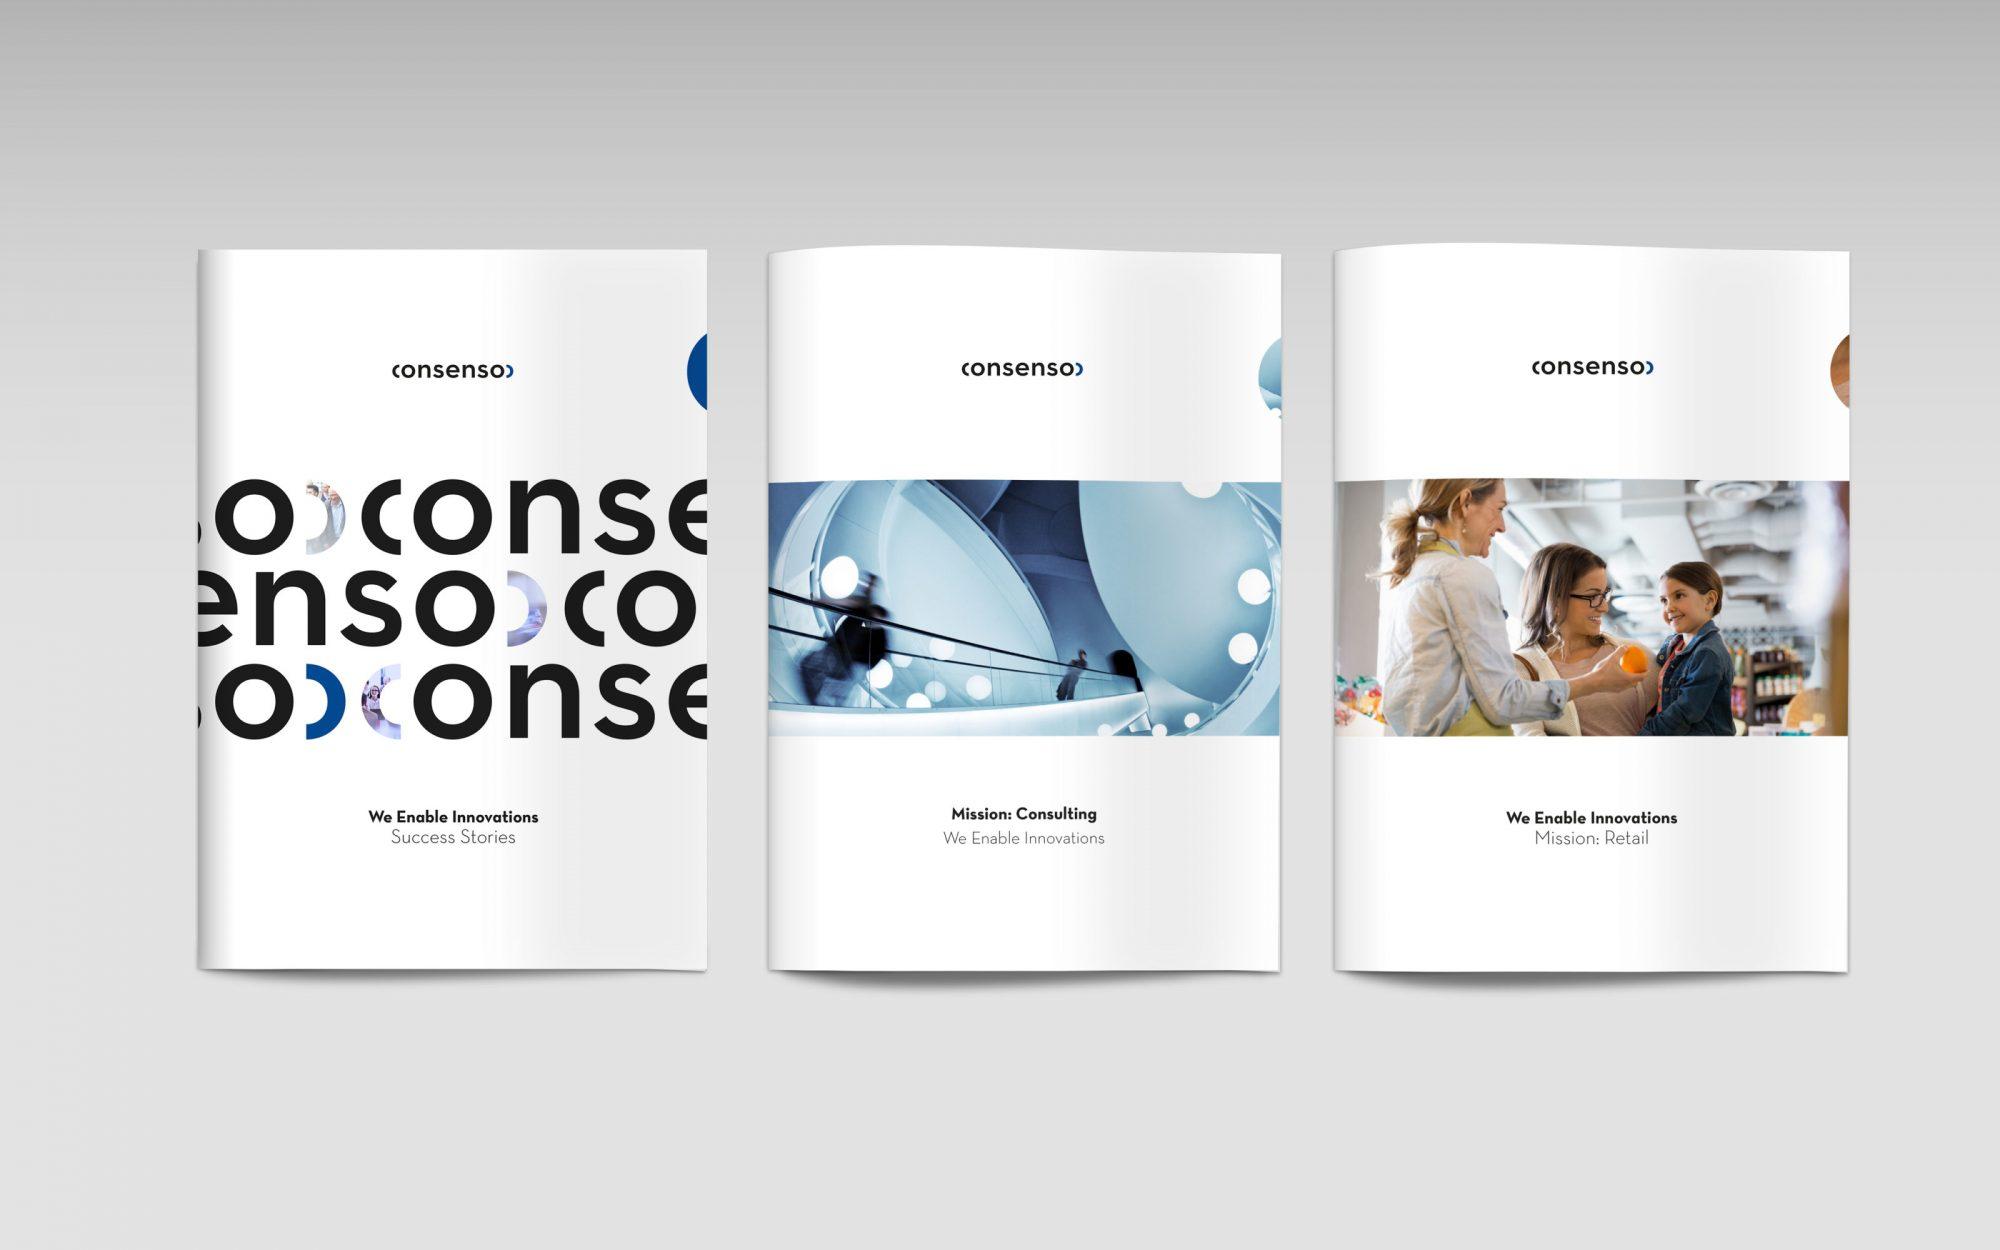 GRACO-consenso-Folder-Broschueren